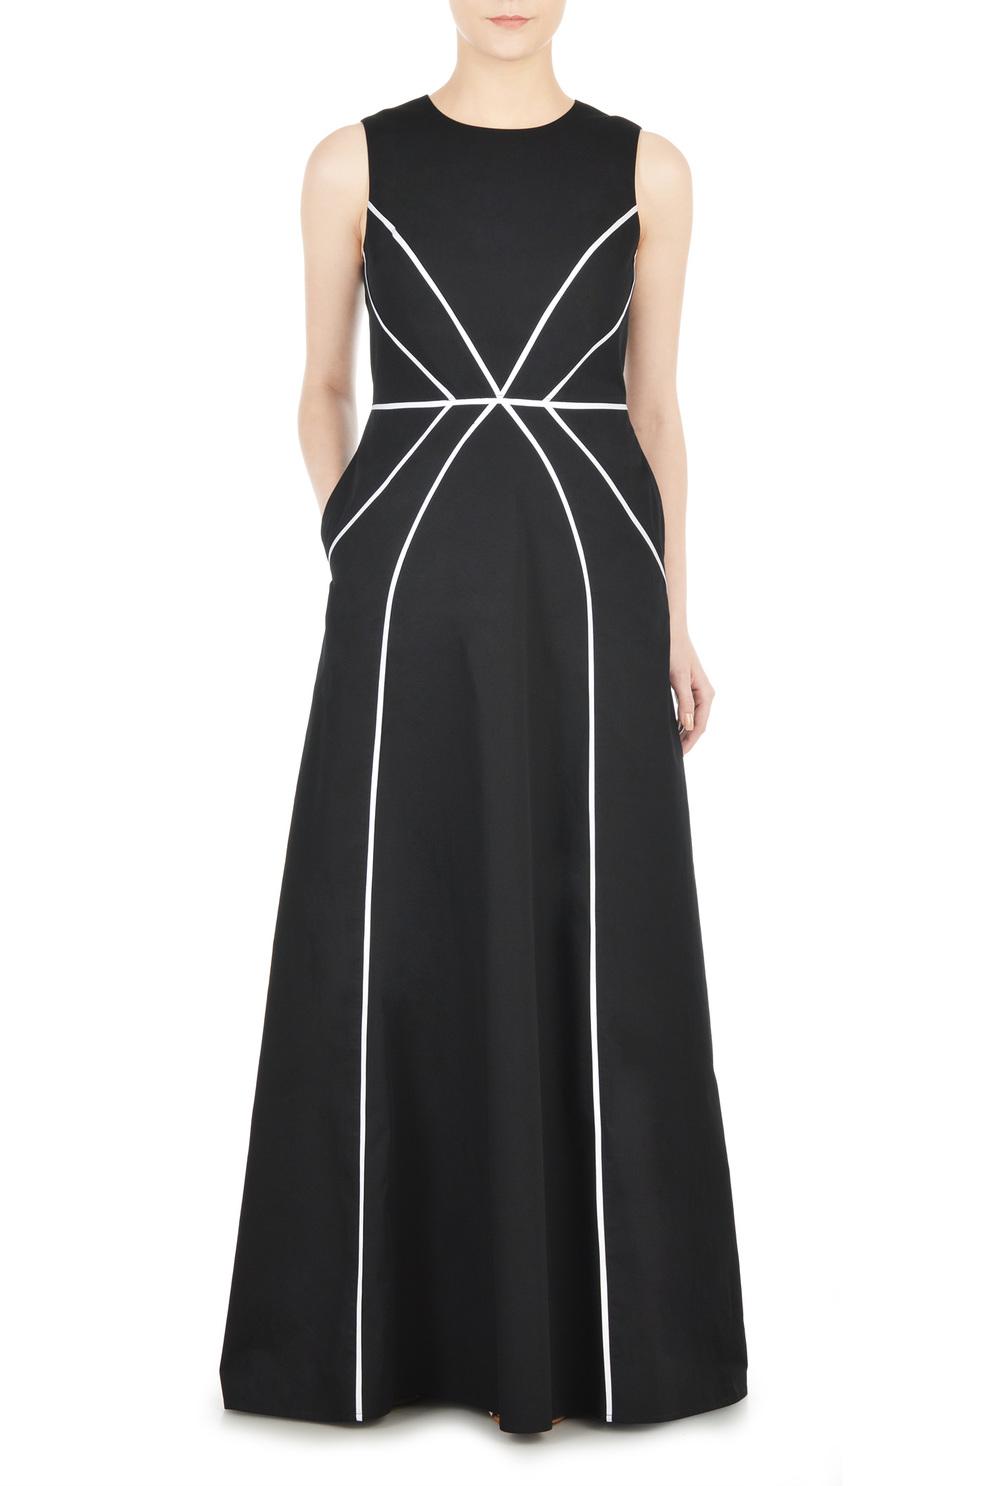 CONTRAST PIPED TRIM POPLIN MAXI DRESS. eshakti. $59.